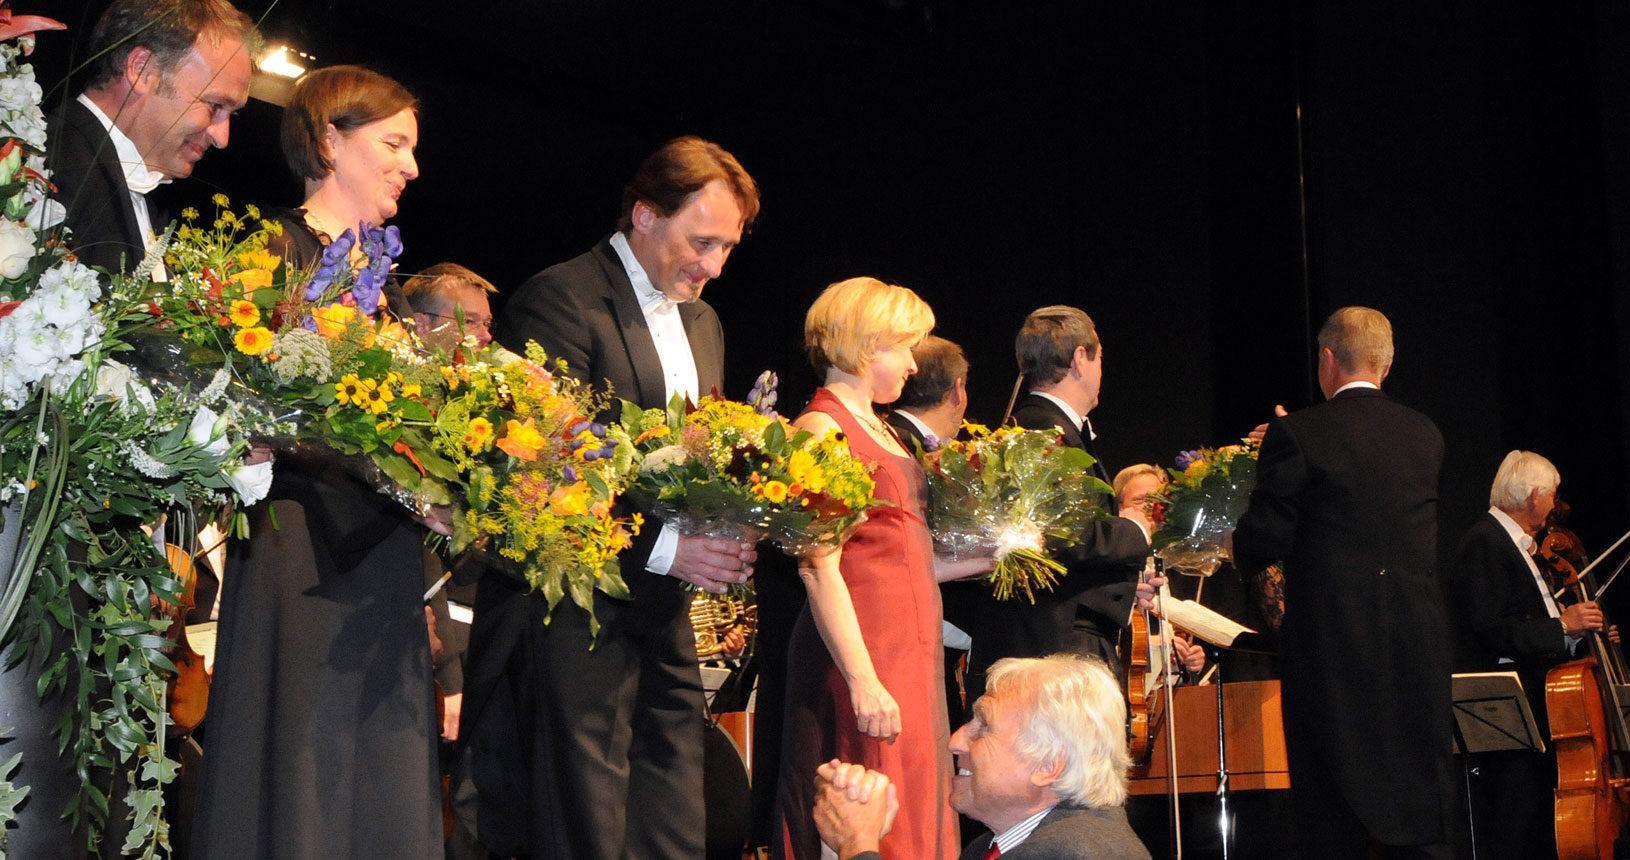 Konzertchor Dachau mit Manfred Bittner, Bass, Bernhard Hirtreiter, Tenor, Bettina Kühne Sopran,